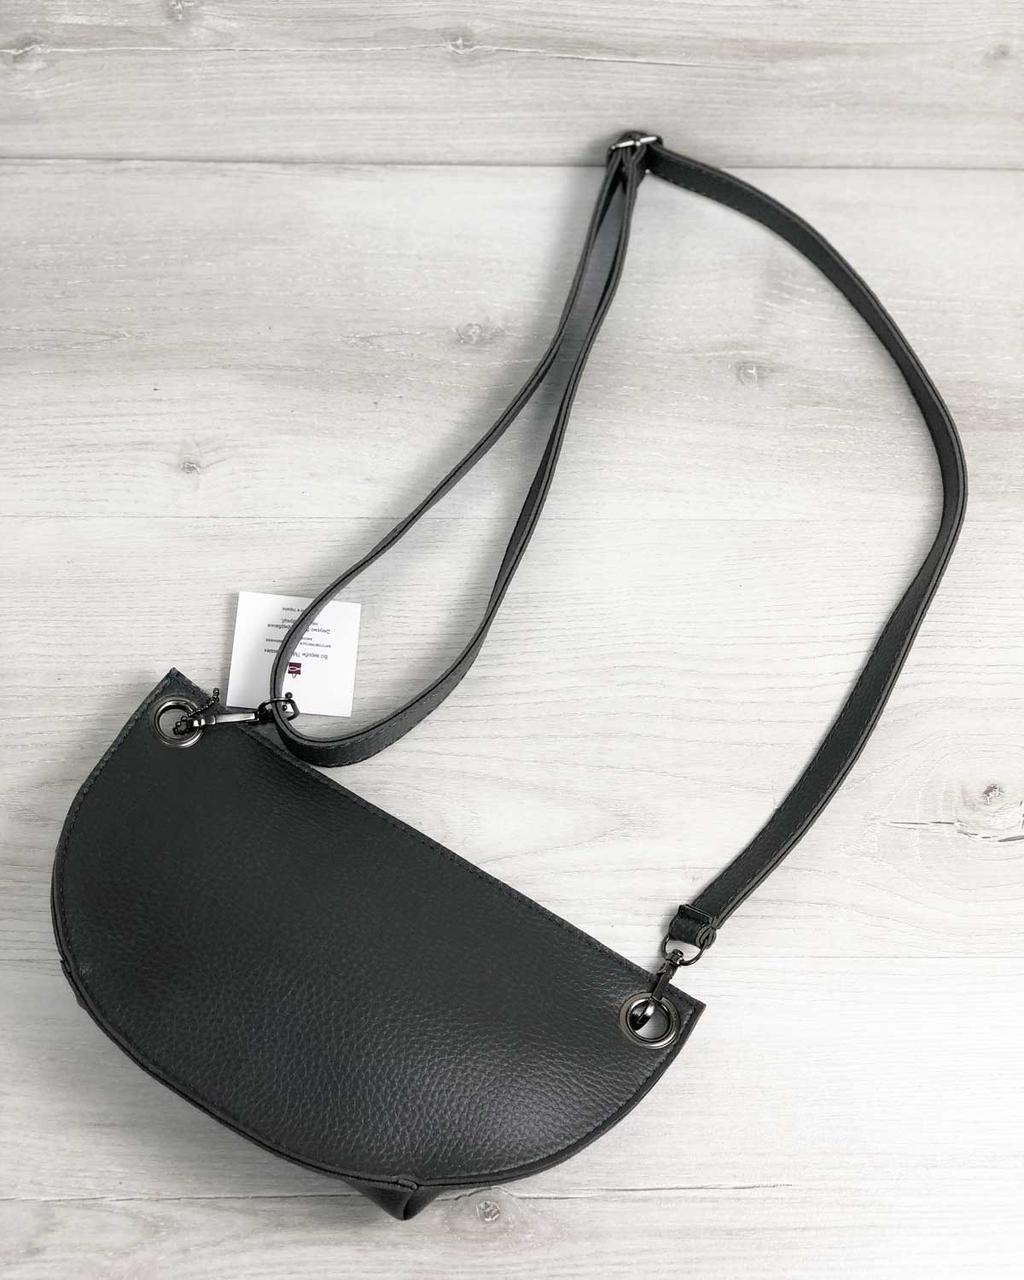 cfc199ff8595 Женская сумка сумка на пояс- клатч Нана серого цвета: продажа, цена ...